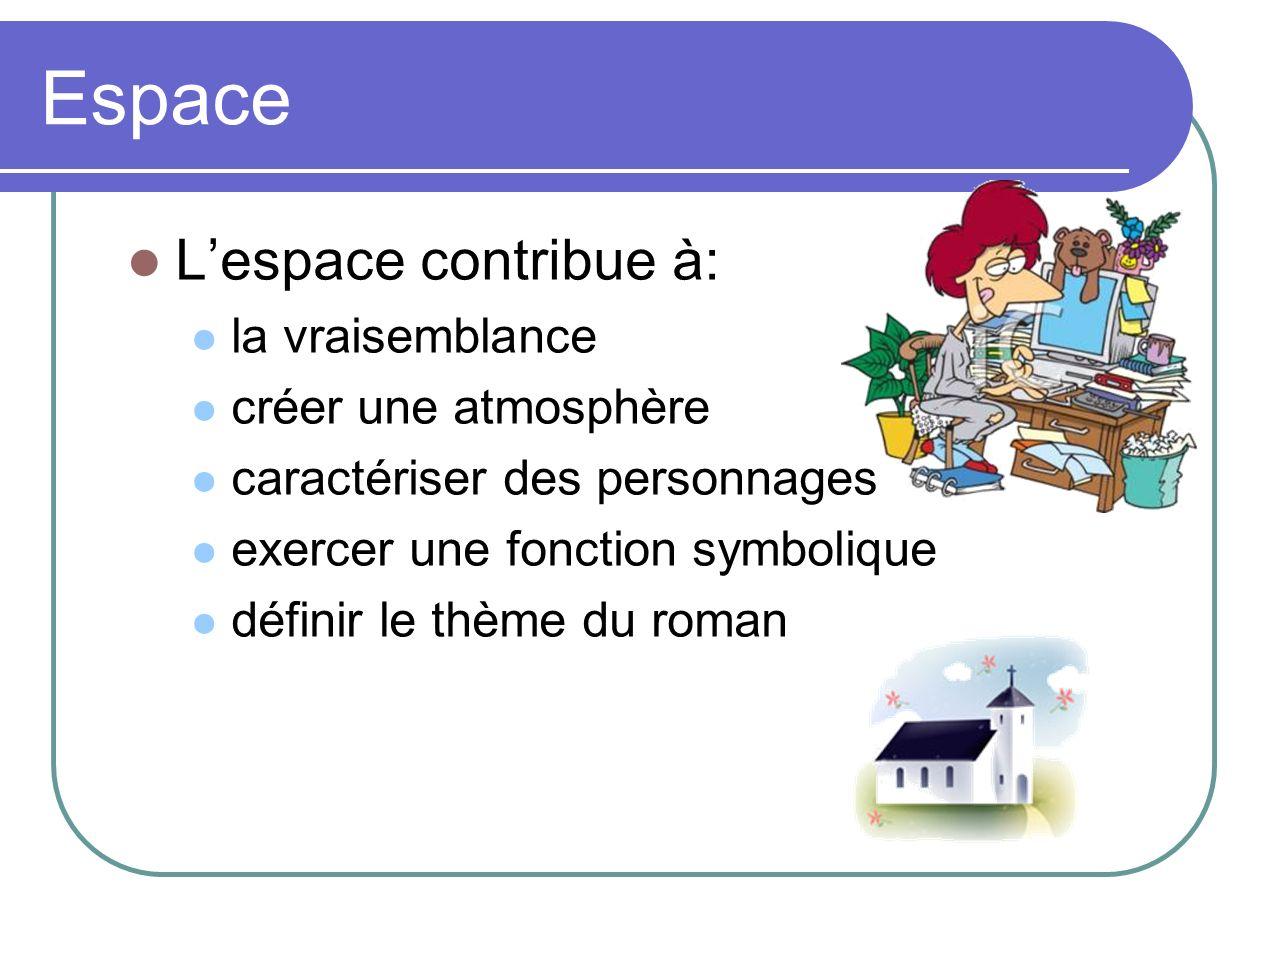 Espace Lespace contribue à: la vraisemblance créer une atmosphère caractériser des personnages exercer une fonction symbolique définir le thème du roman